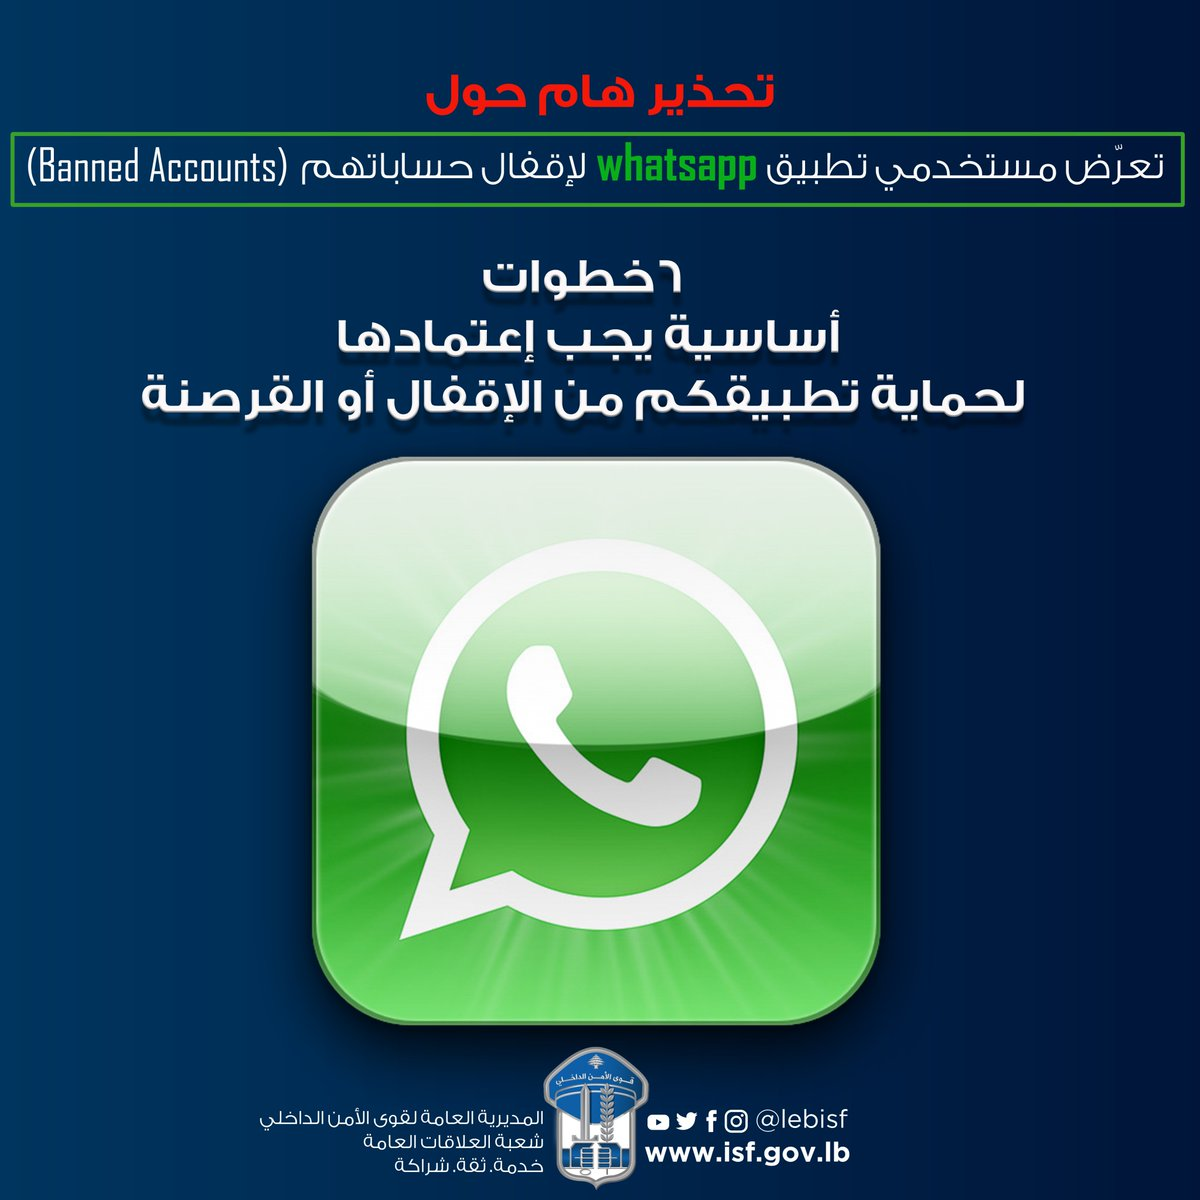 تحذير لمستخدمي تطبيق WhatsApp من تَعرضهم لعمليات قرصنة وتوضيحات يجب اتباعها لتفادي حظر حساباتهم من قبل الشركة المشغلة.  #قوى_الأمن #لبنان